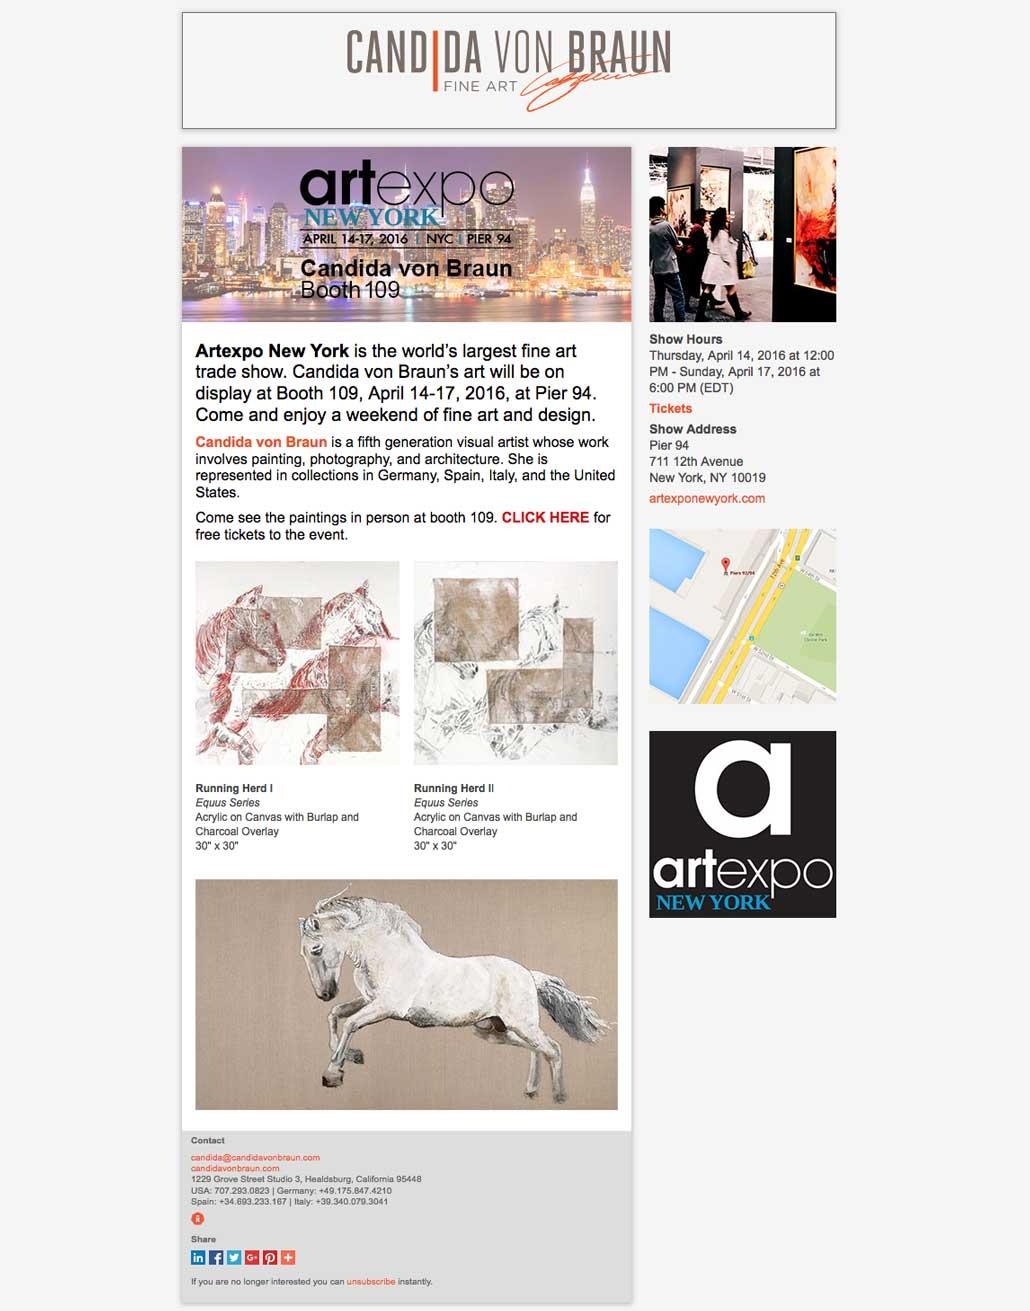 Candida von Braun Fine Art Artexpo New York E-blast